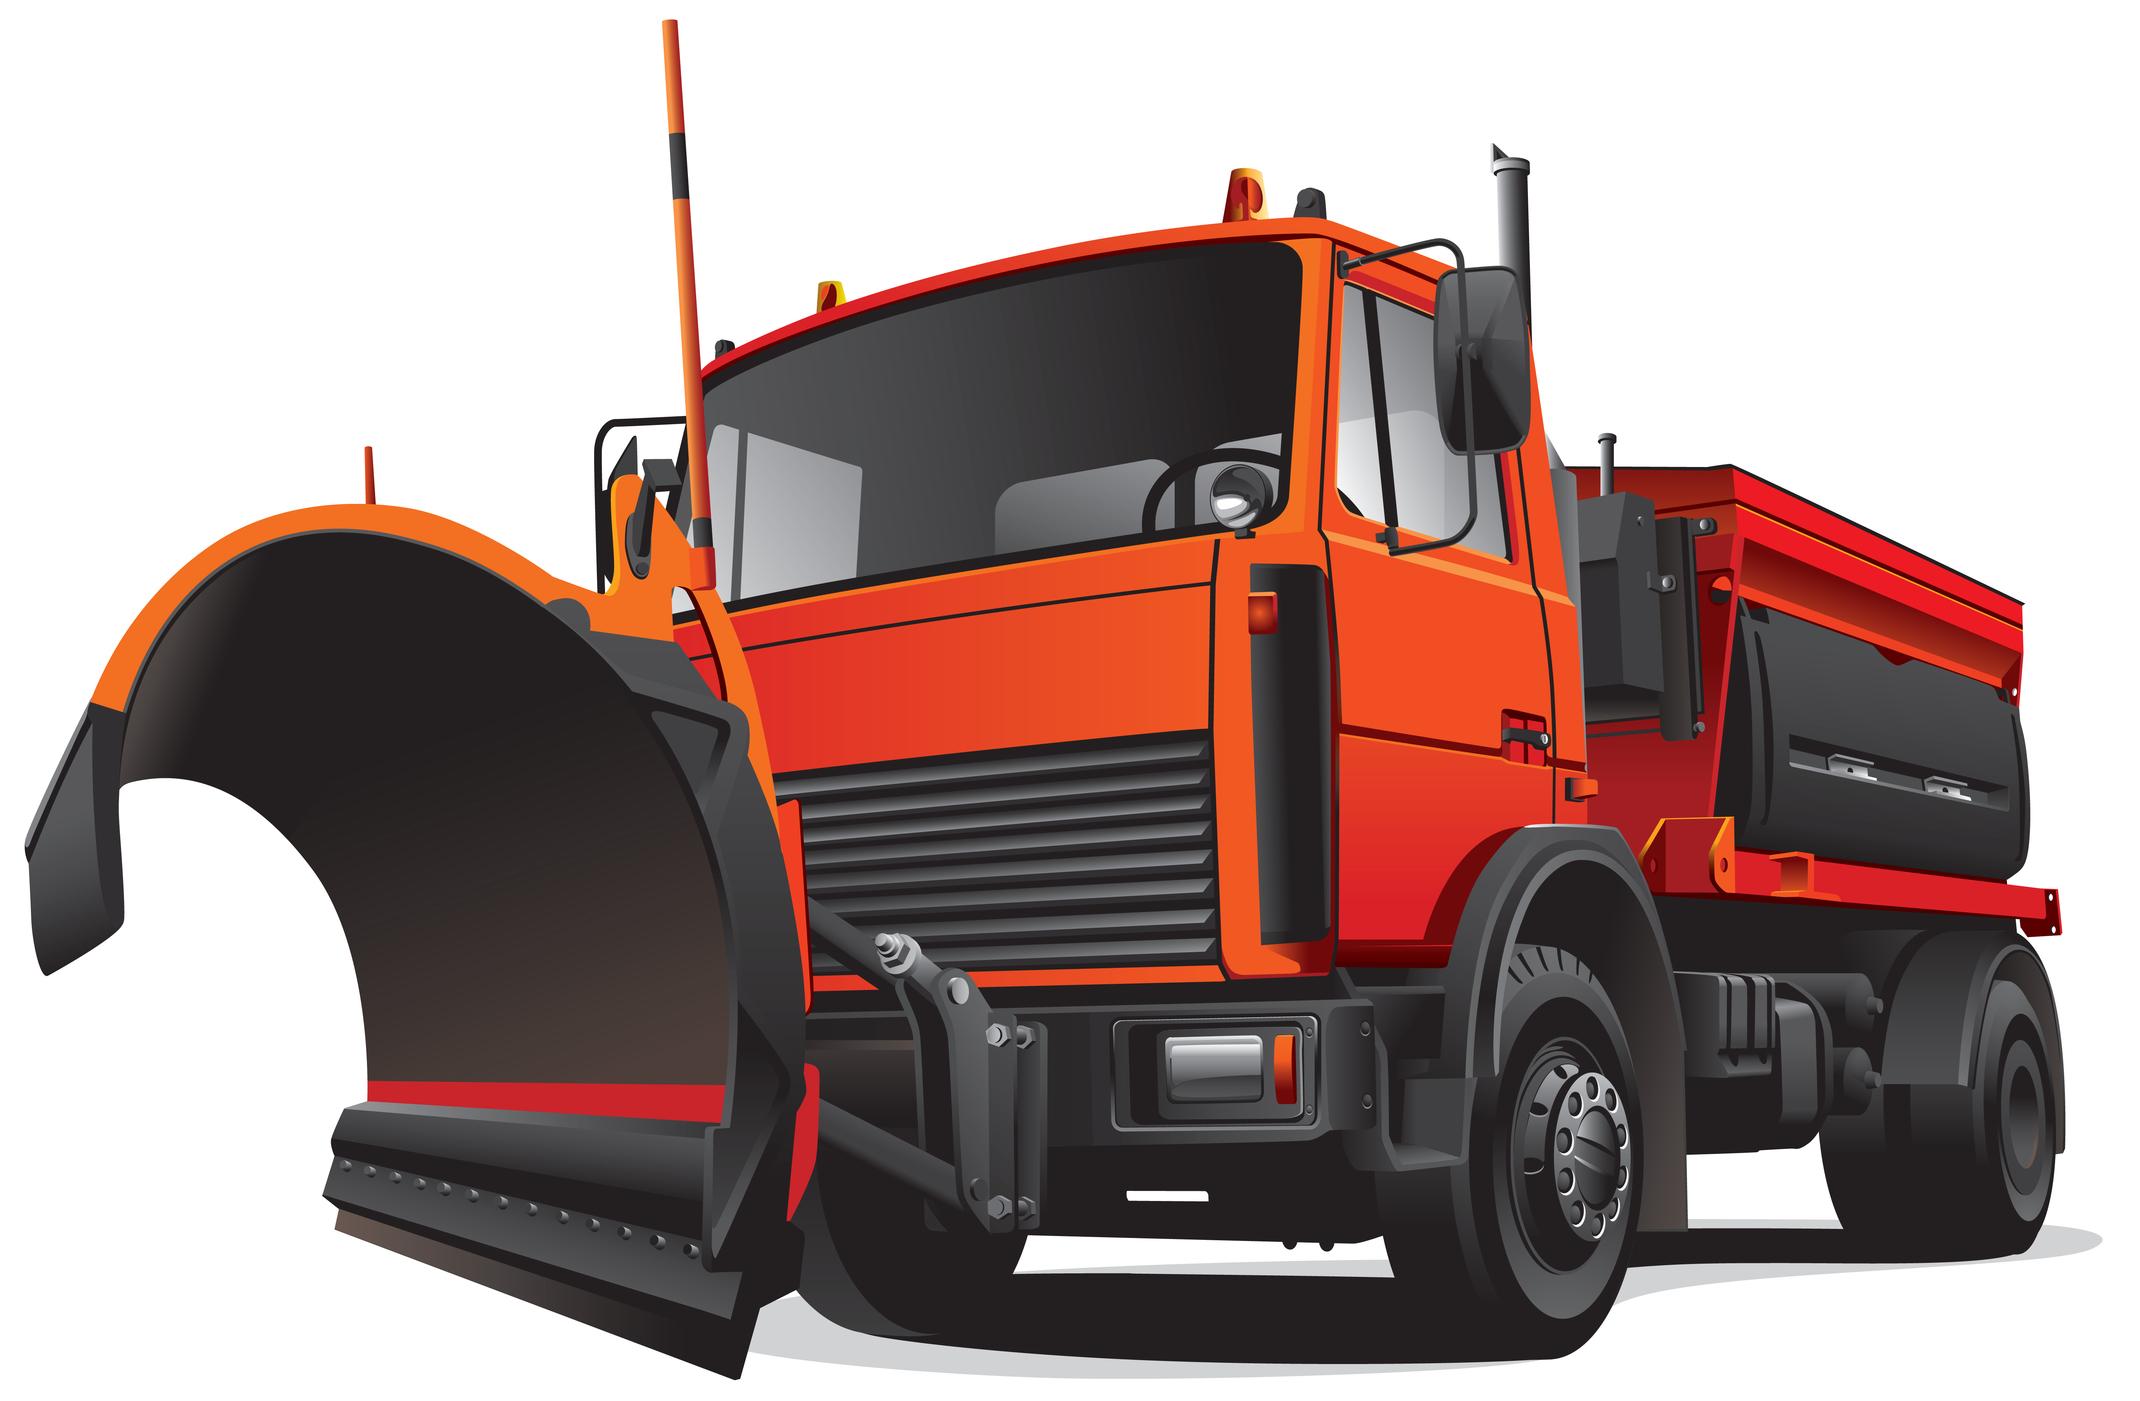 lama de zapada cu actionare pneumatica pt camion scania din stoc cel mai bun pret livrare. Black Bedroom Furniture Sets. Home Design Ideas